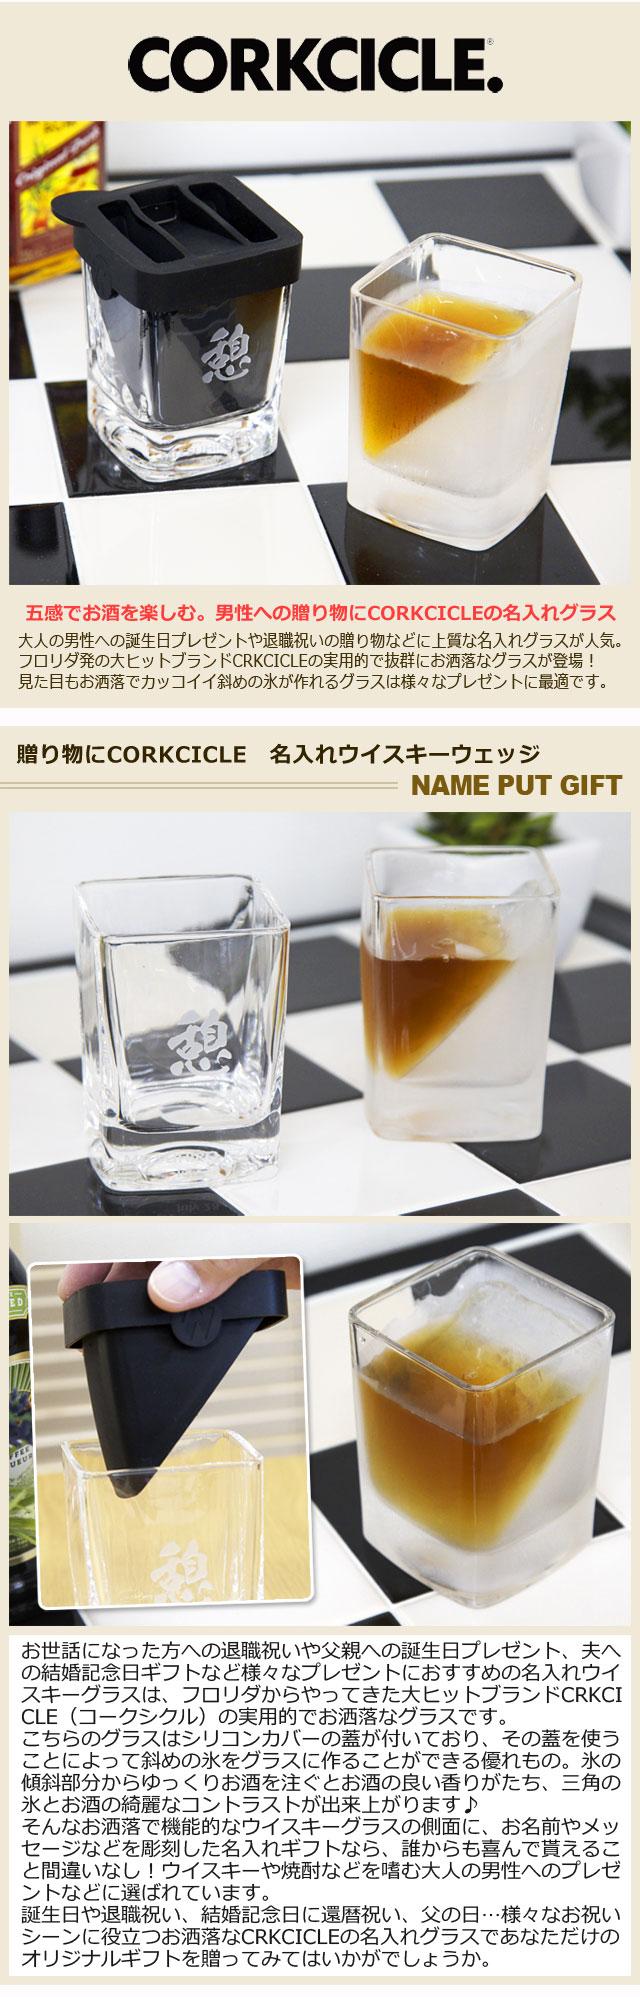 大人の男性への誕生日プレゼントや退職祝いの贈り物などに上質な名入れウイスキーグラス